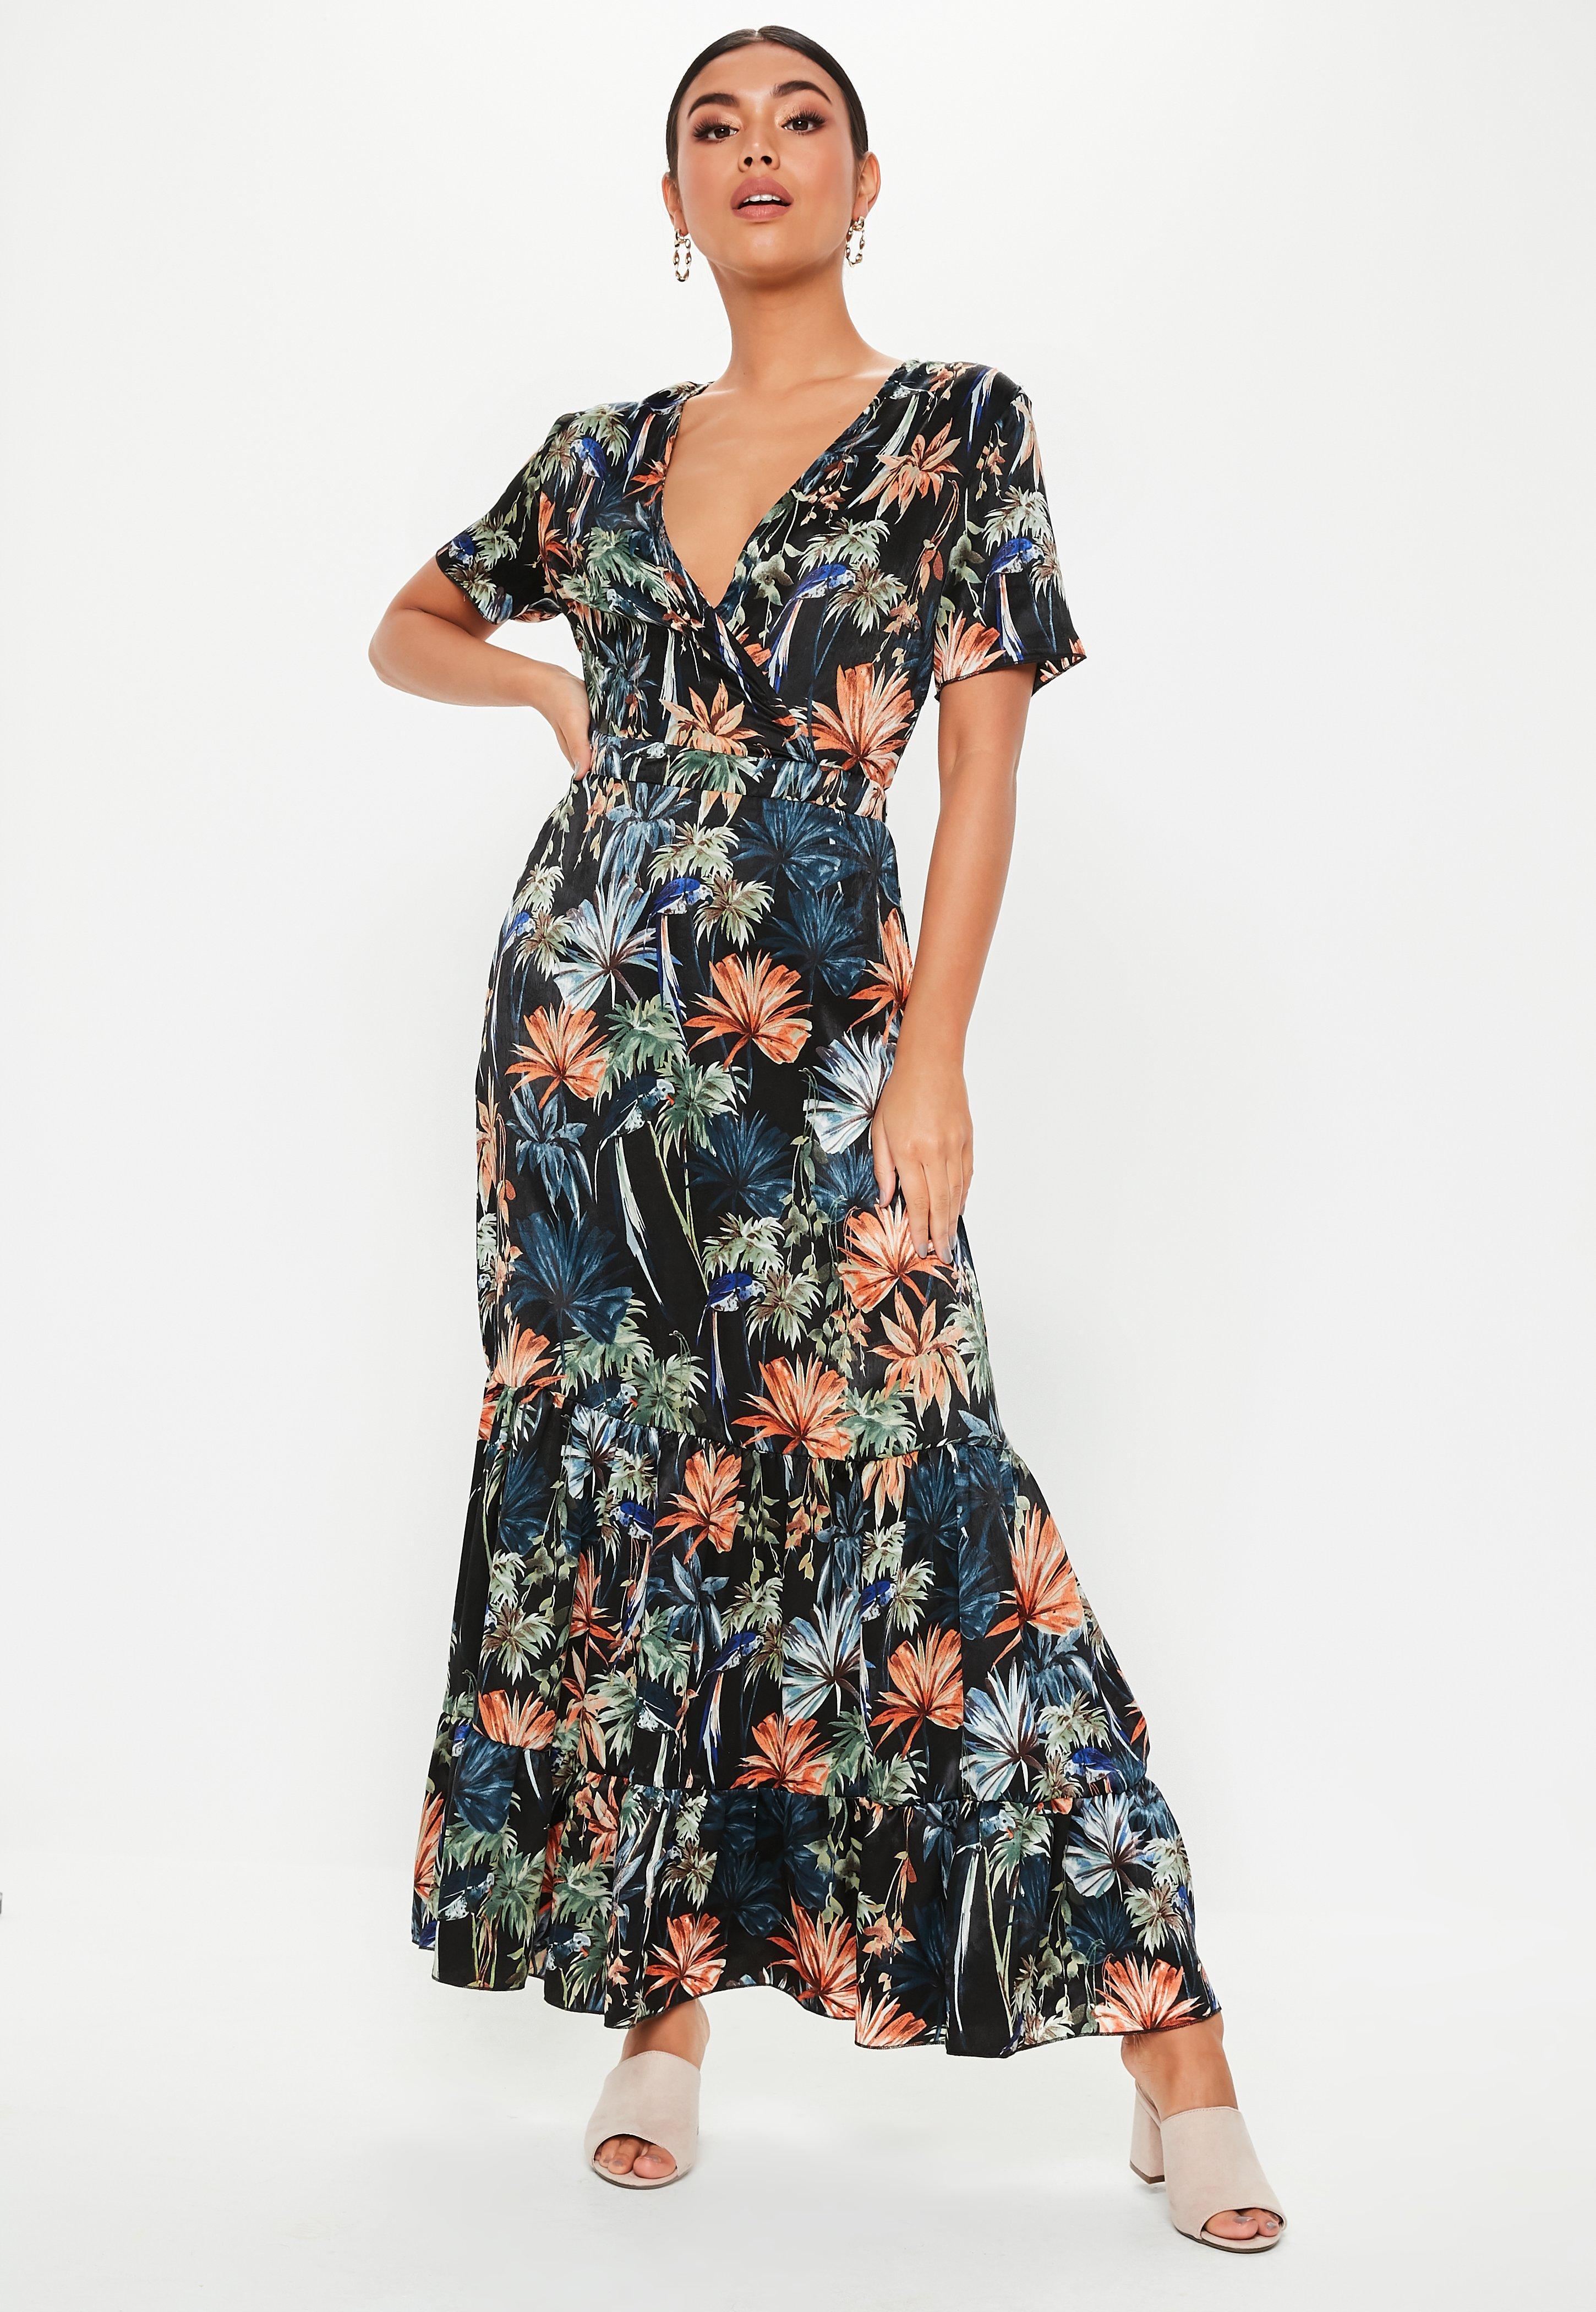 88eecdb1aab7d Missguided Black Floral Frill Hem Maxi Dress in Black - Lyst